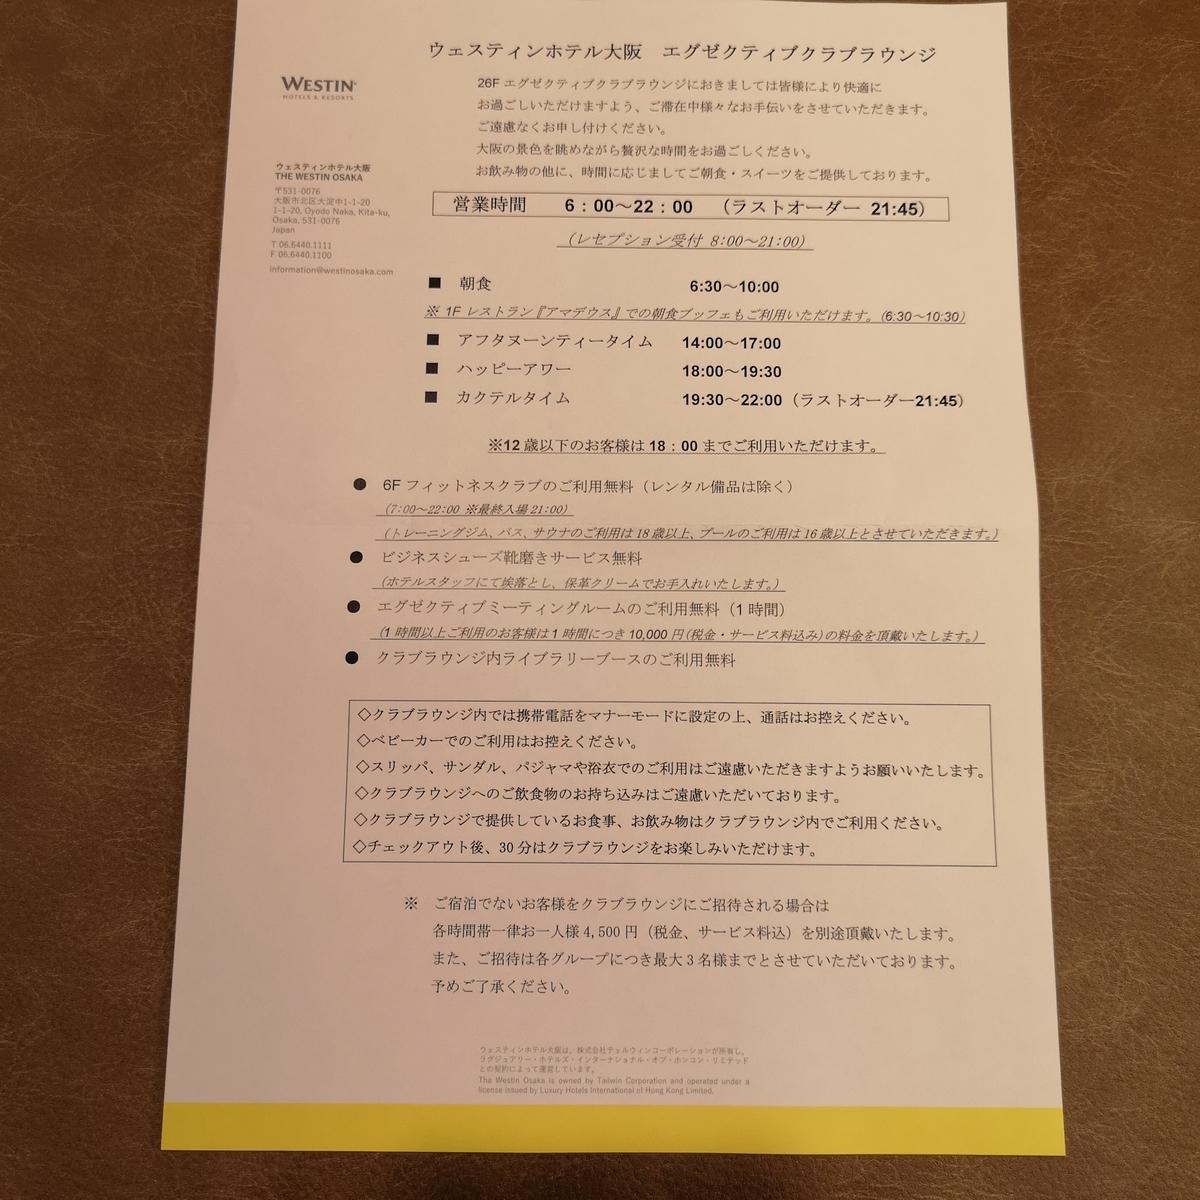 ウェスティンホテル大阪 エグゼクティブフロア プラチナエリート特典